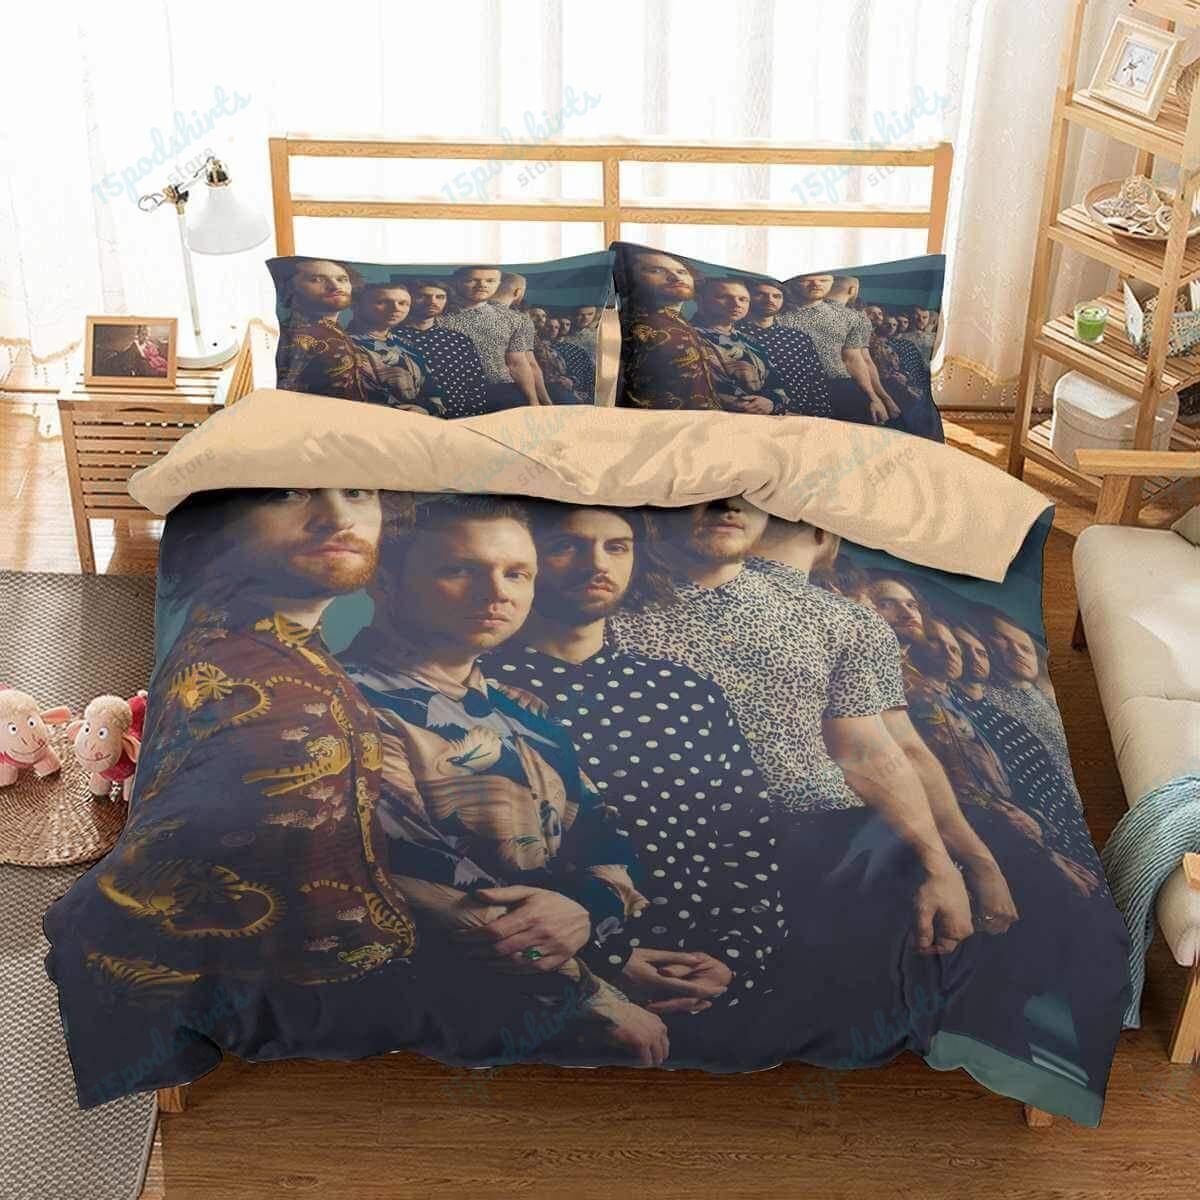 Imagine Dragons 1 Duvet Cover Bedding Set